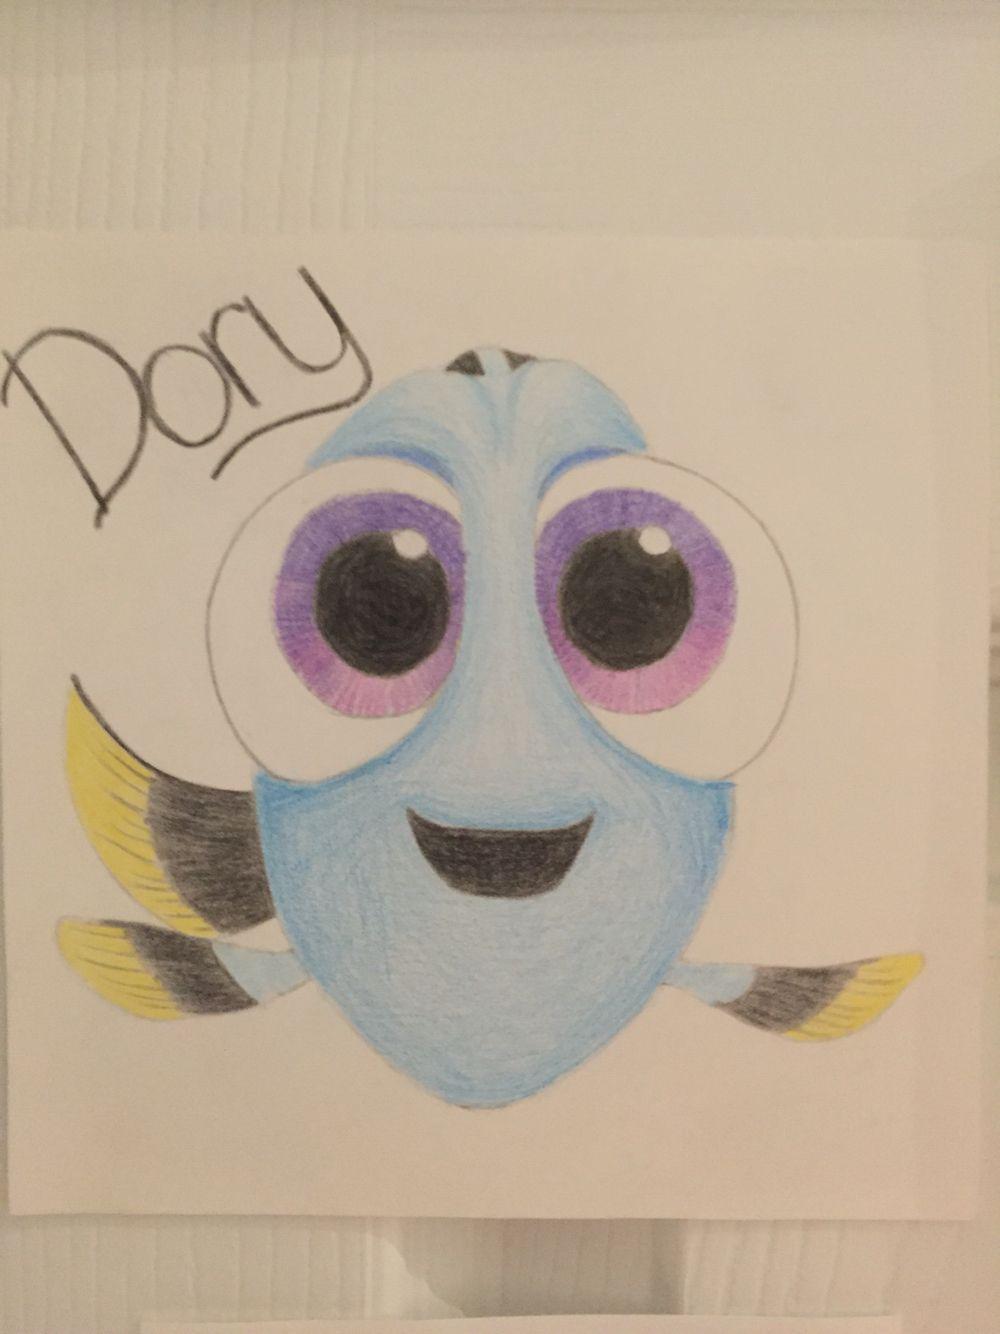 Baby Dory Scetches Arte Disney Matita Und Idee Per Disegnare